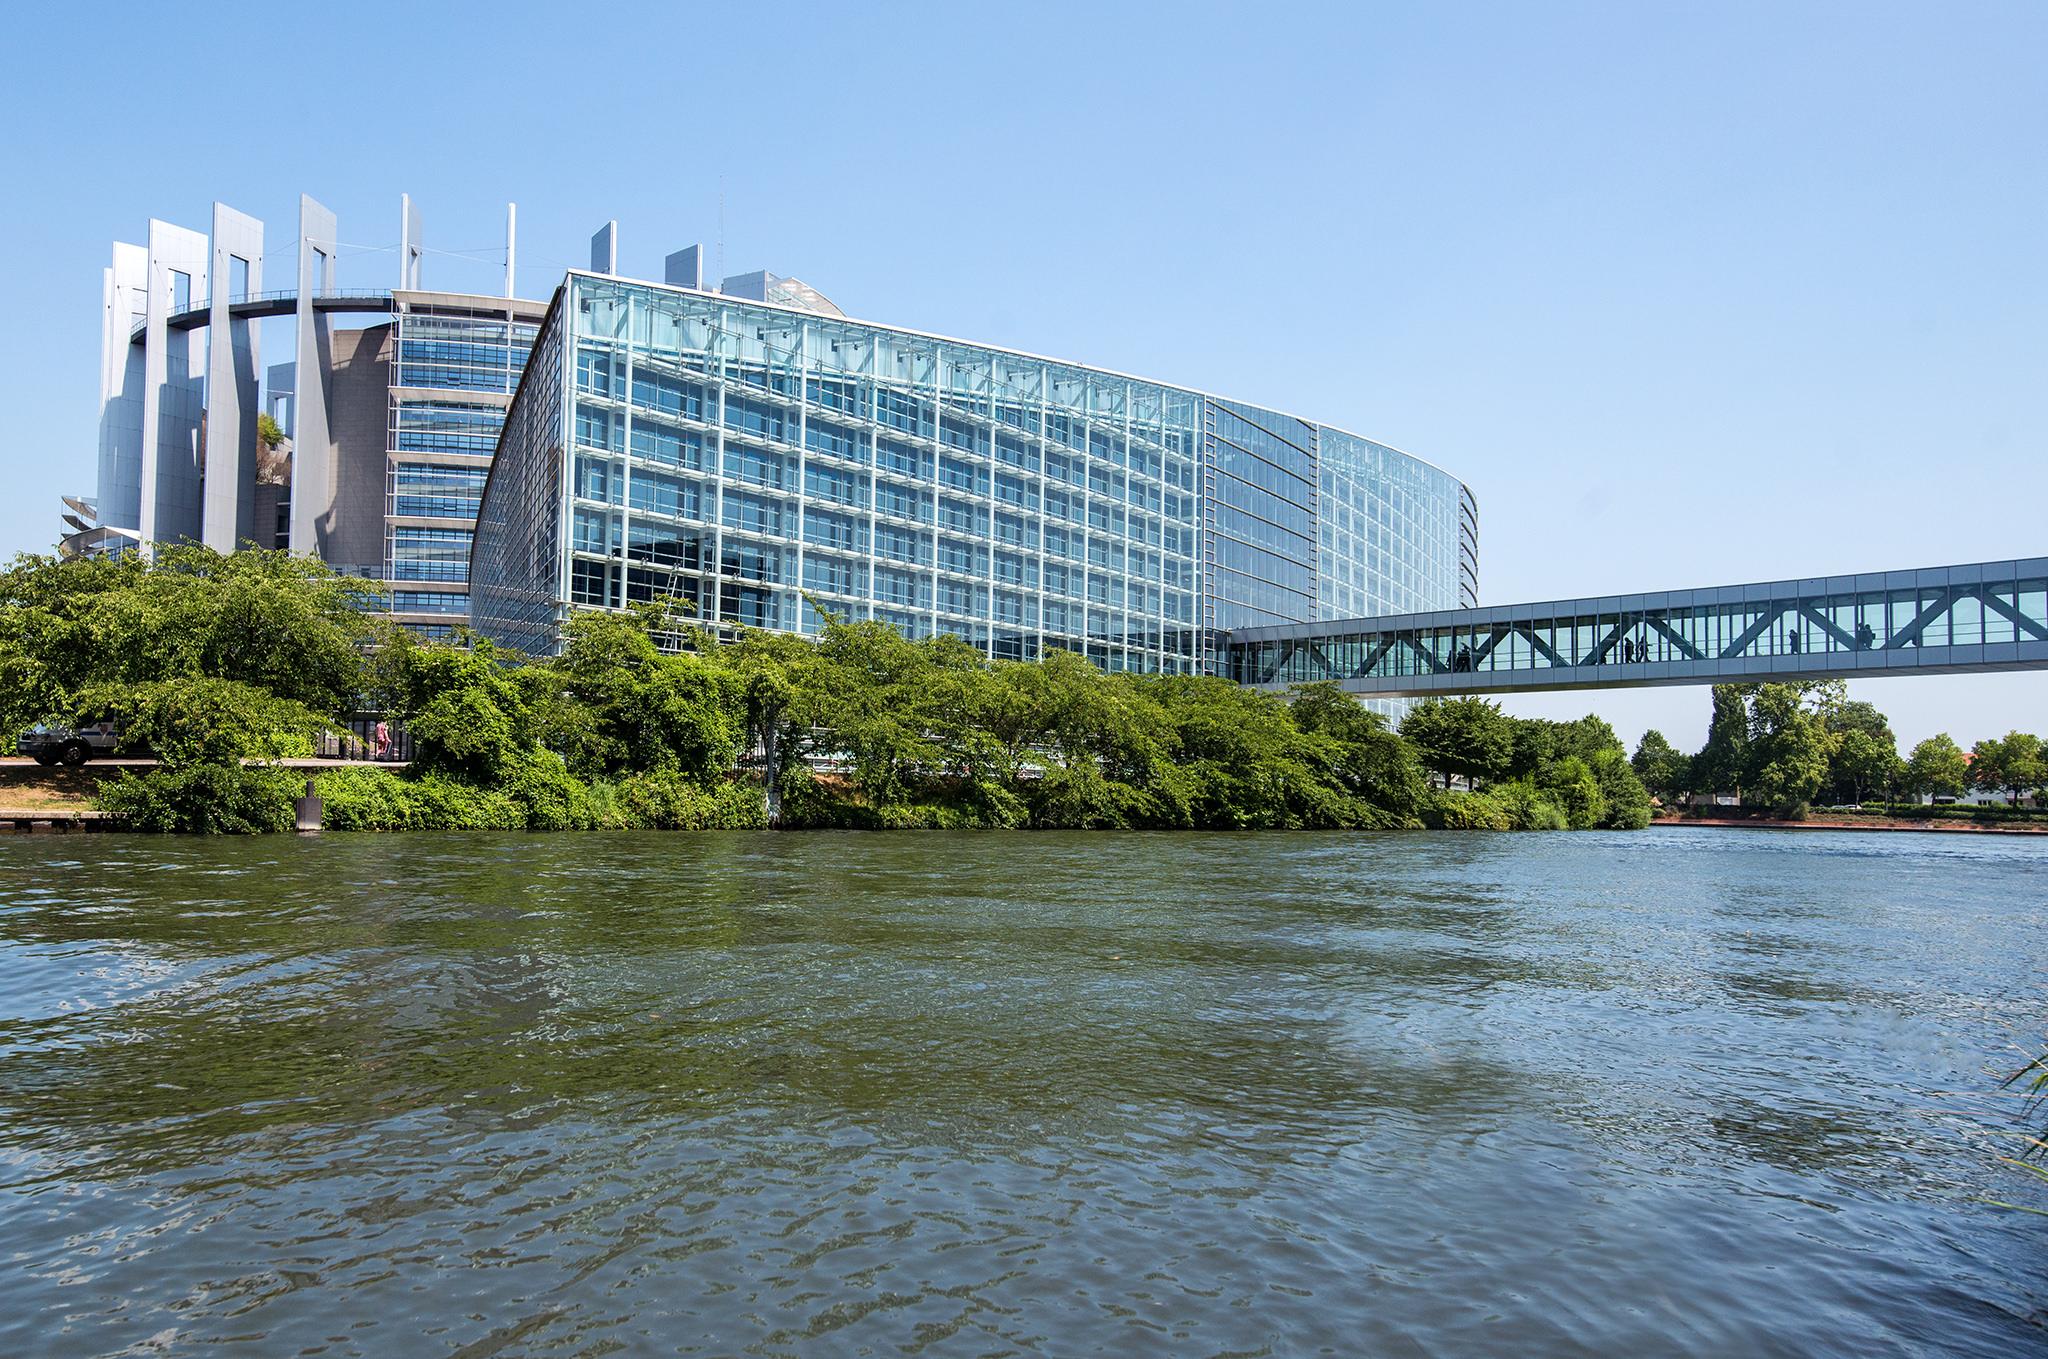 הפרלמנט האירופי: להשיב מידיית את הרכוש שנגנב מידיי הניצולים